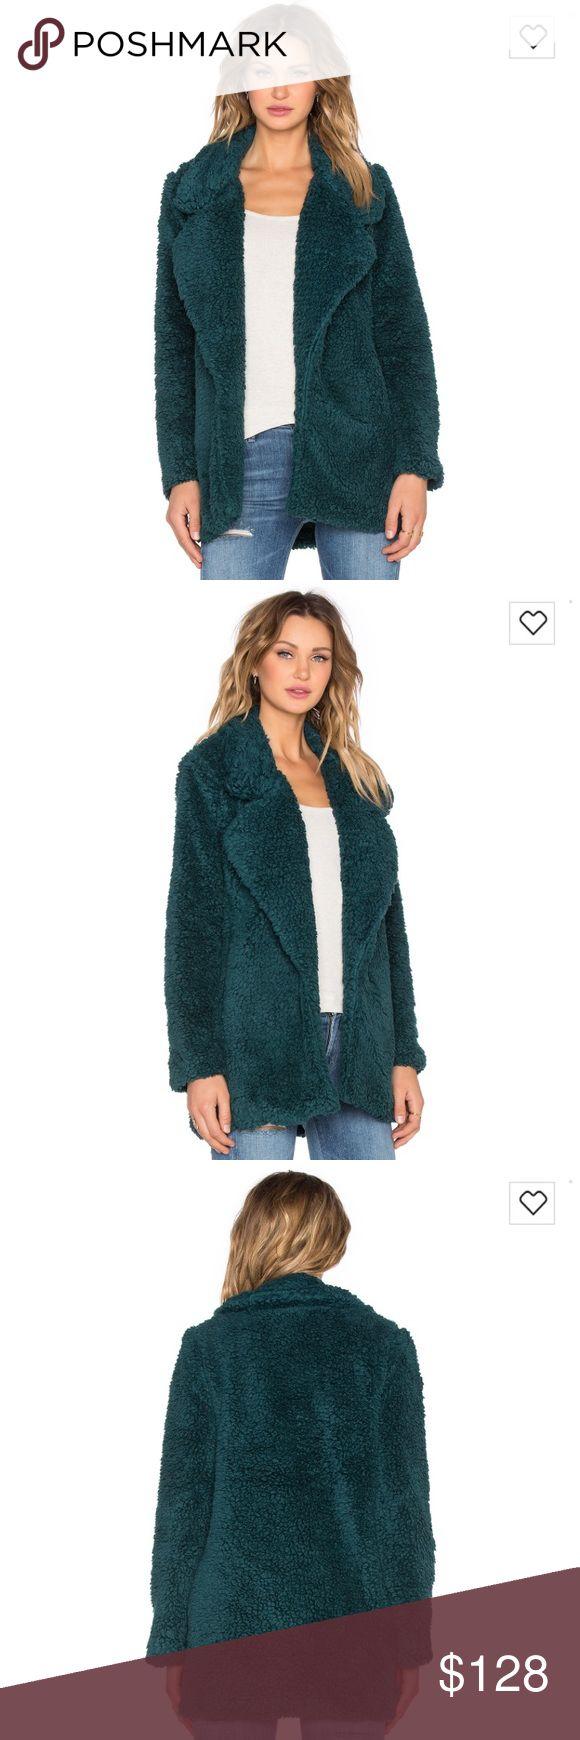 I just added this listing on Poshmark: Tularosa x REVOLVE Violet Faux Shag Coat, XS. #shopmycloset #poshmark #fashion #shopping #style #forsale #Tularosa #Jackets & Blazers